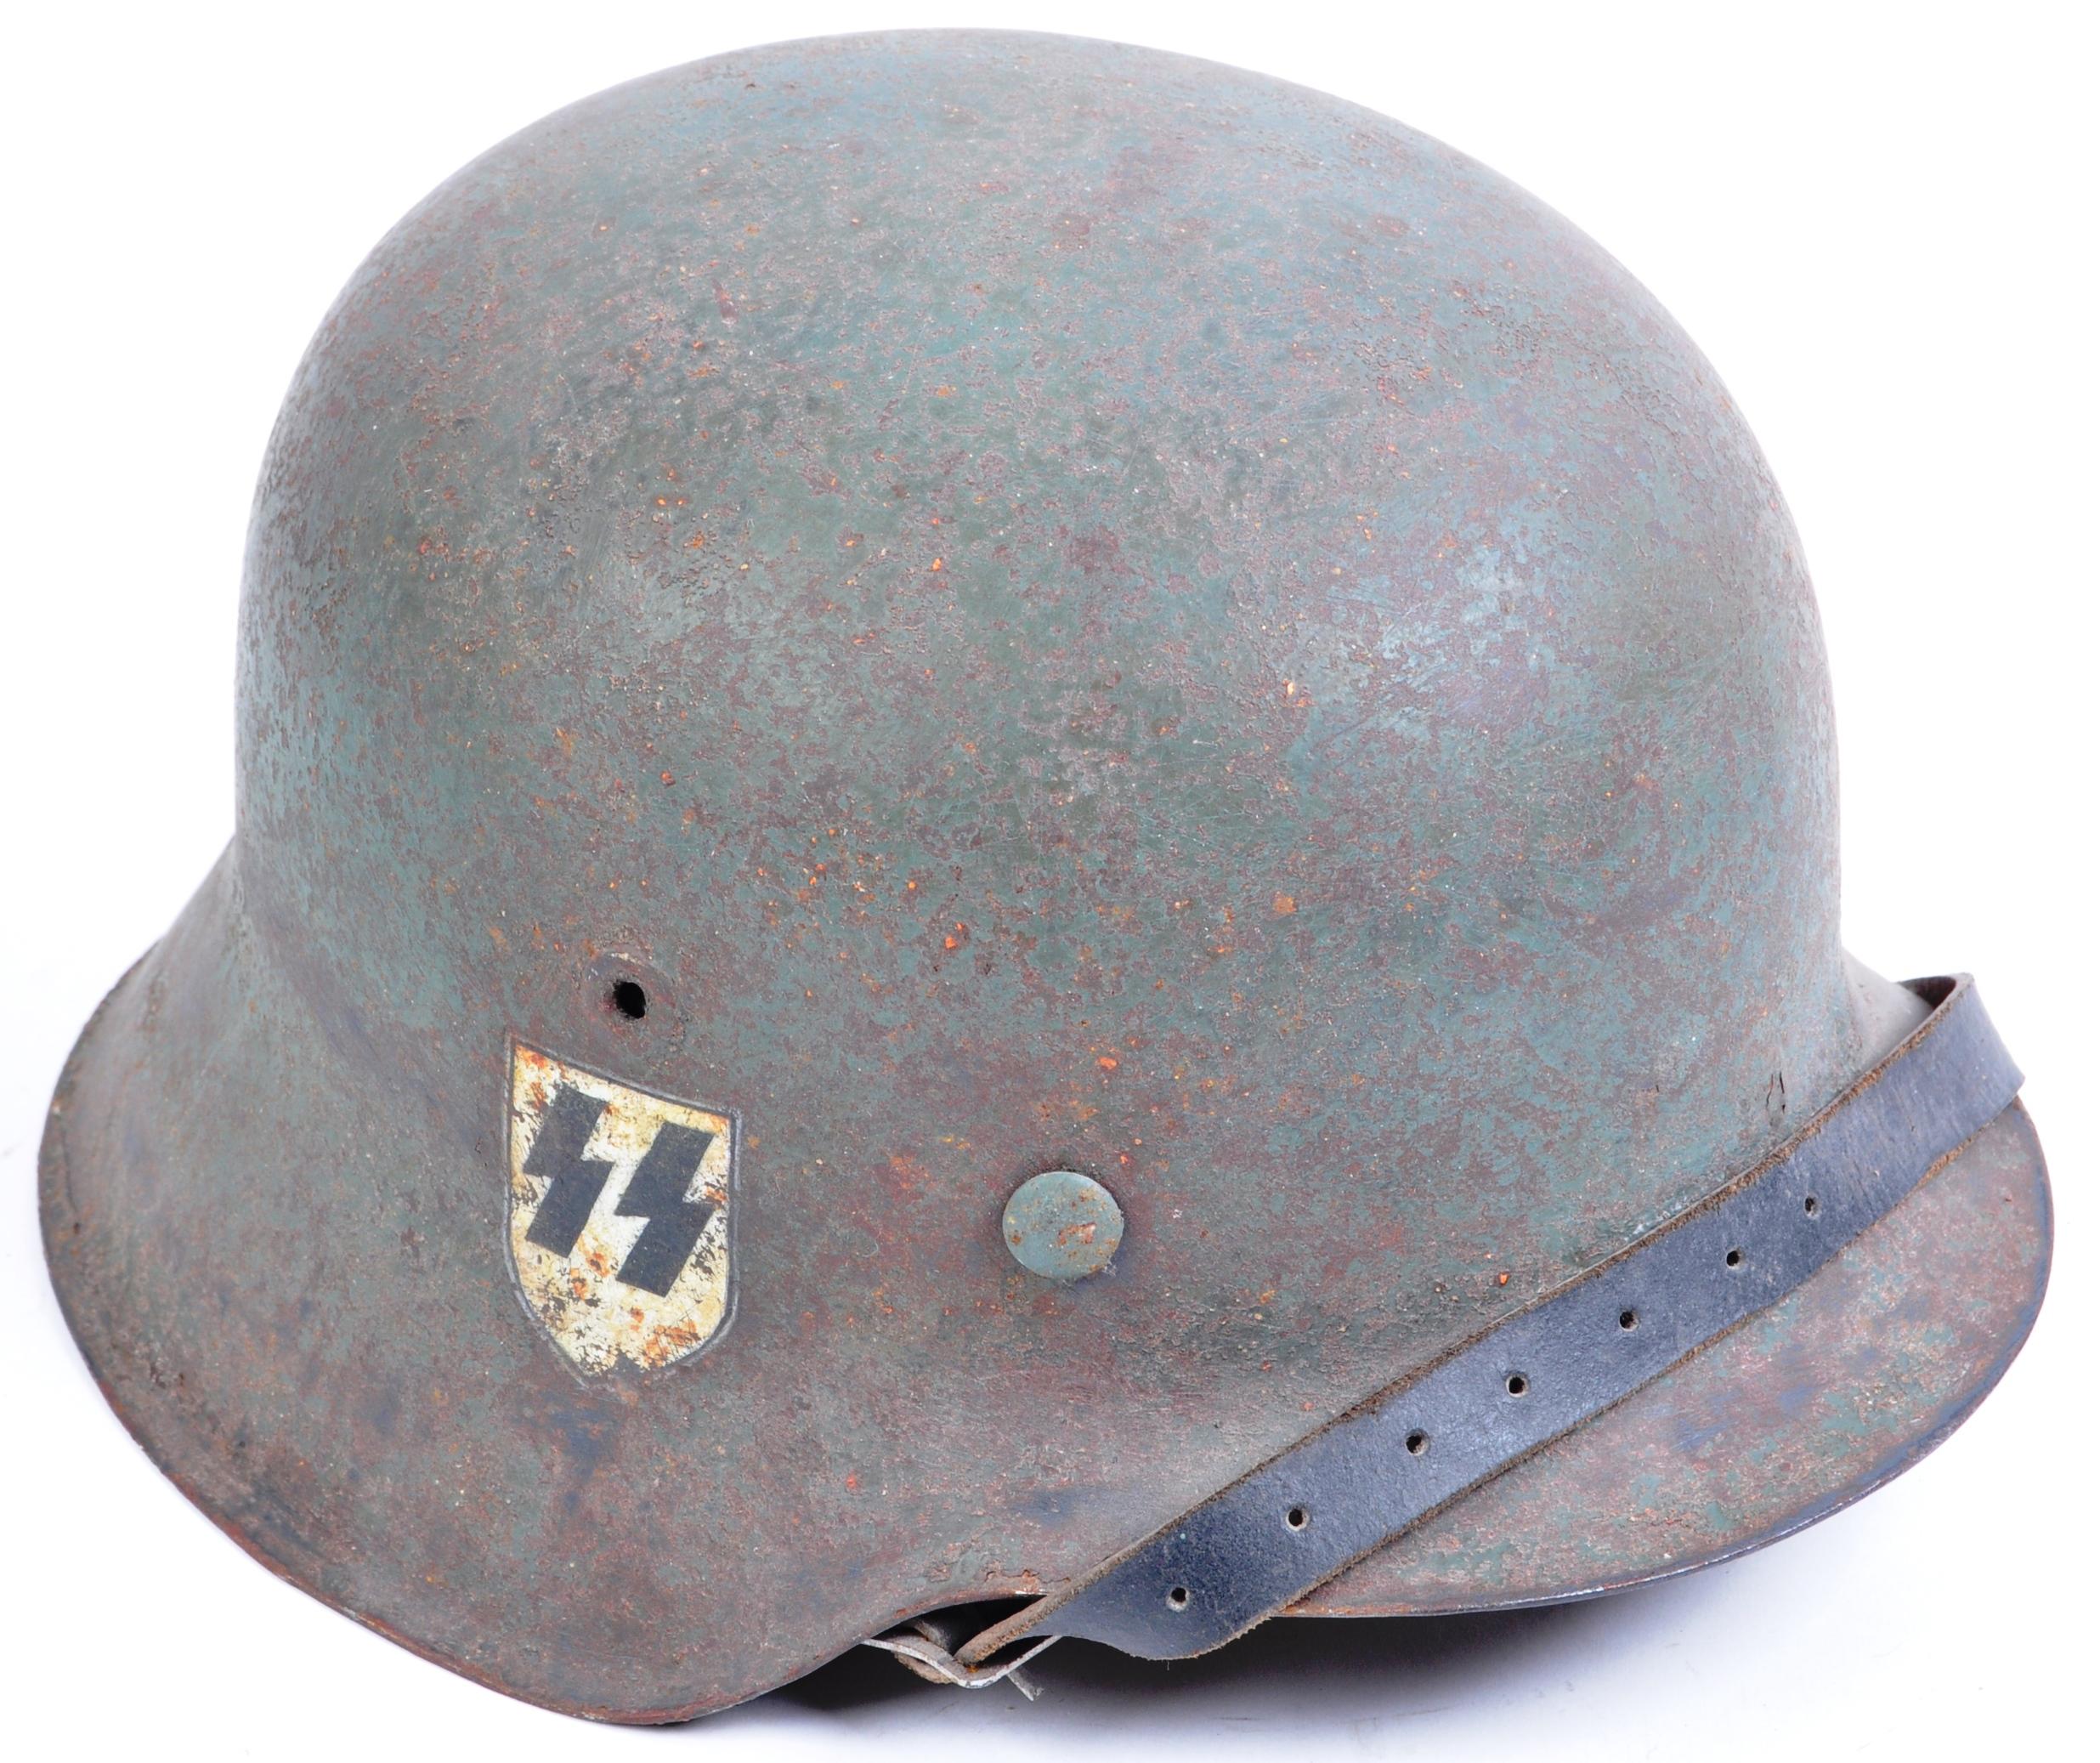 WWII SECOND WORLD WAR GERMAN THIRD REICH M42 COMBAT HELMET